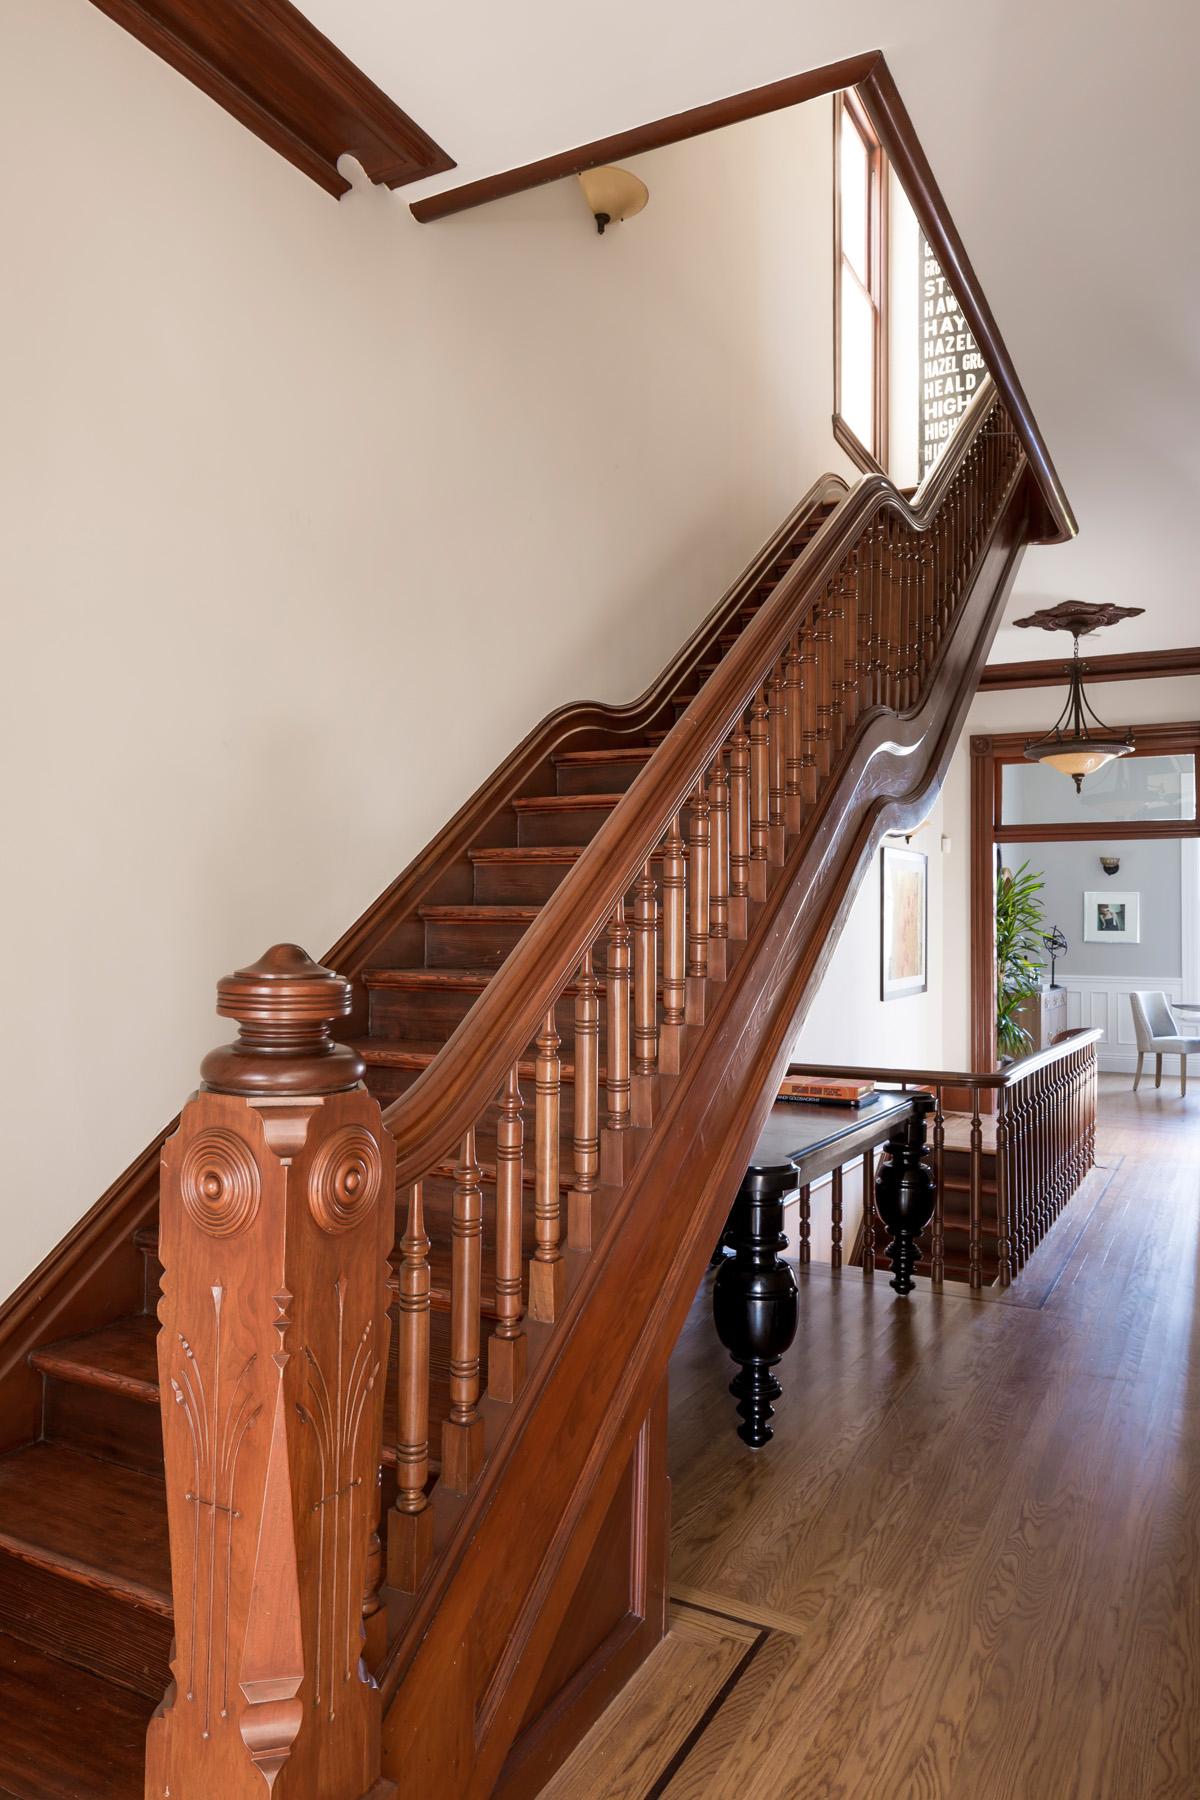 Entry_Stairway_0251.jpg